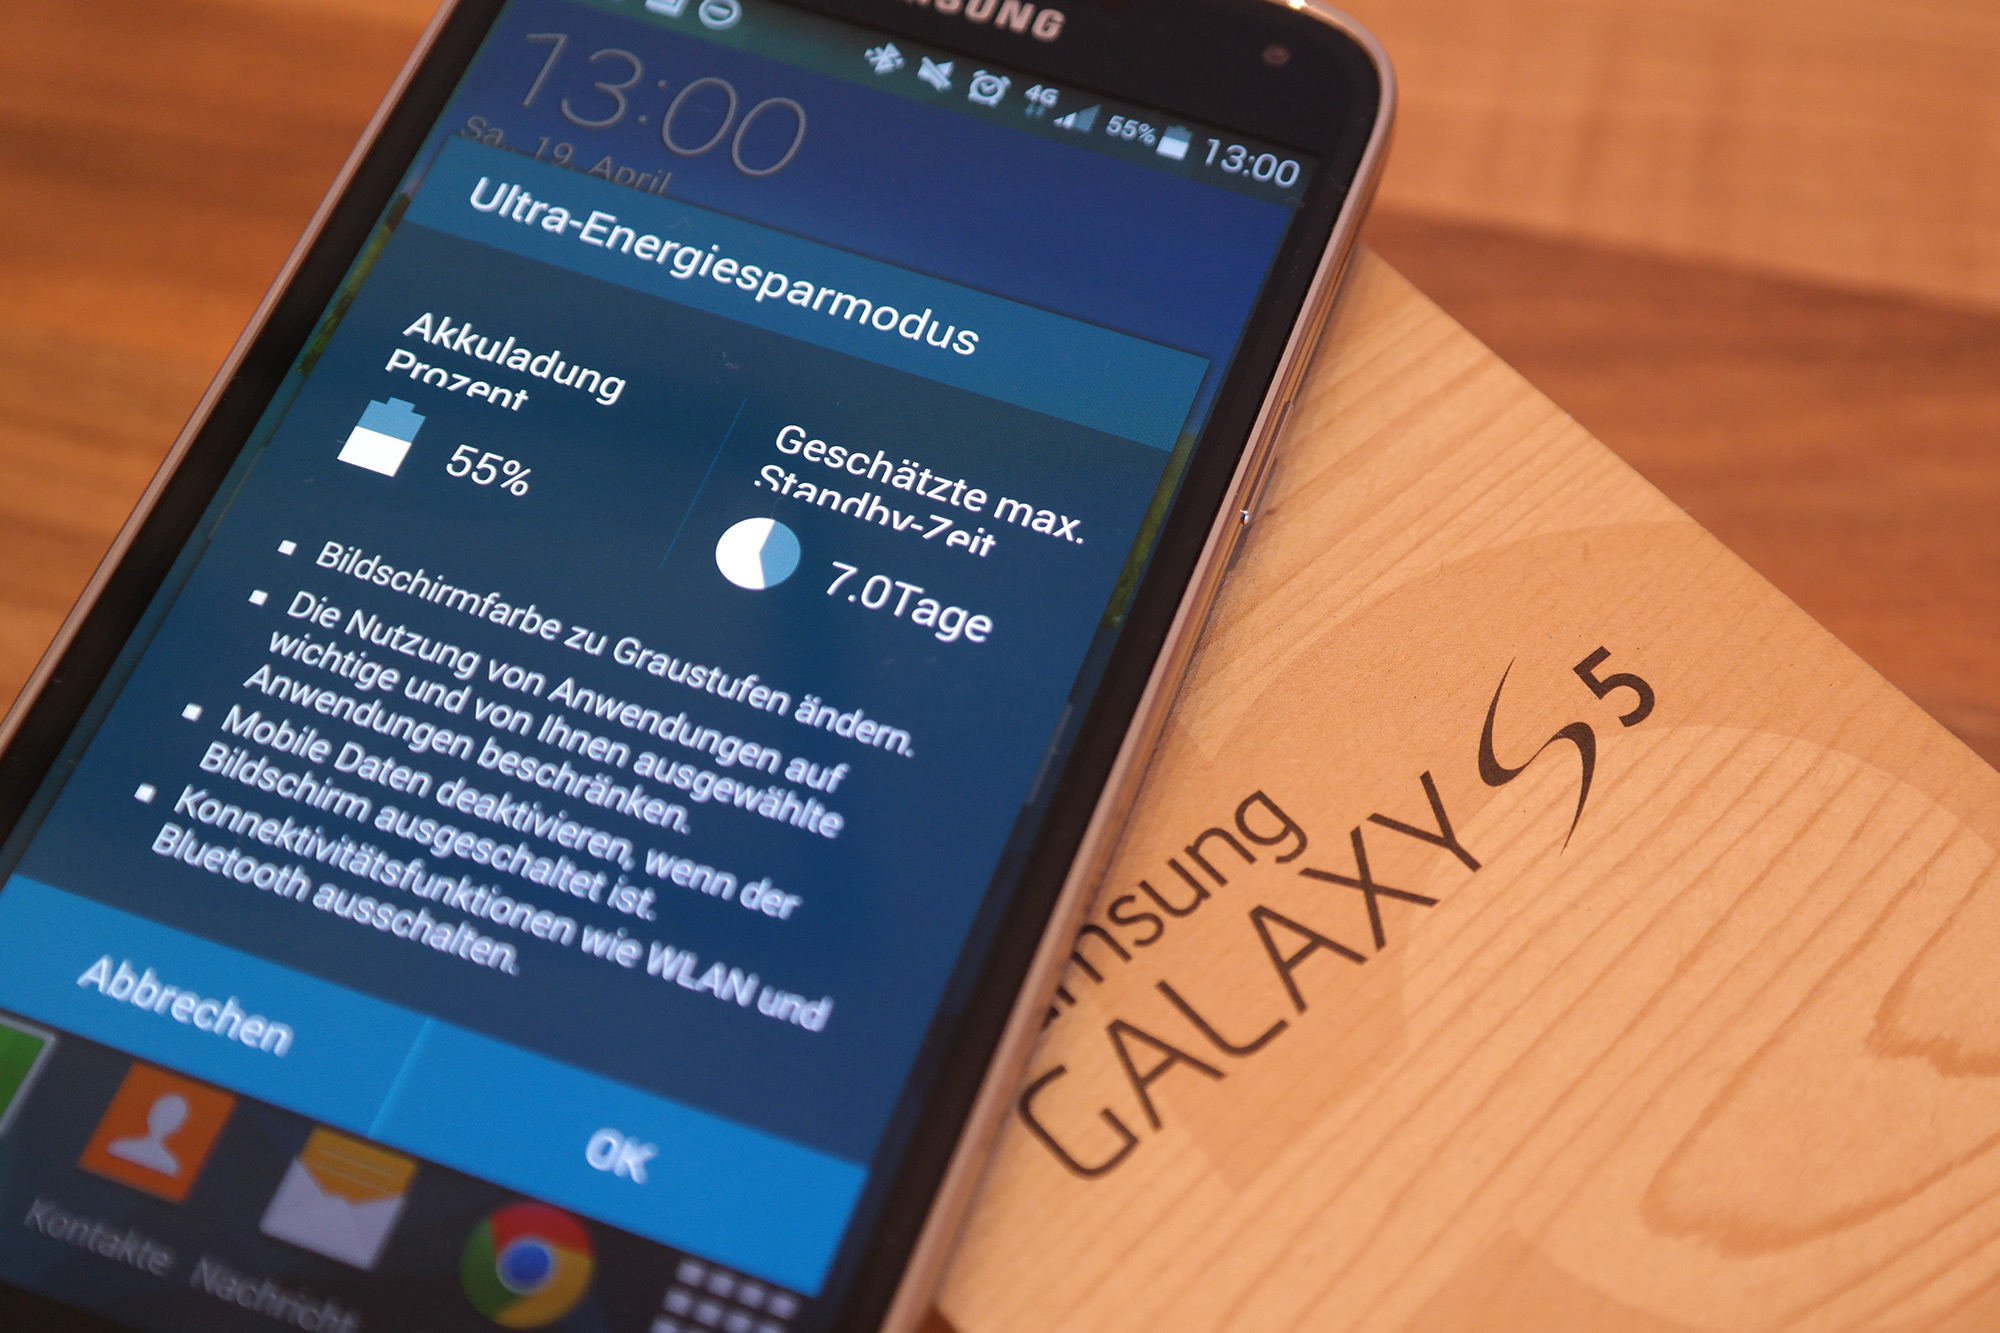 Samsung Galaxy S5 Tipps und Tricks